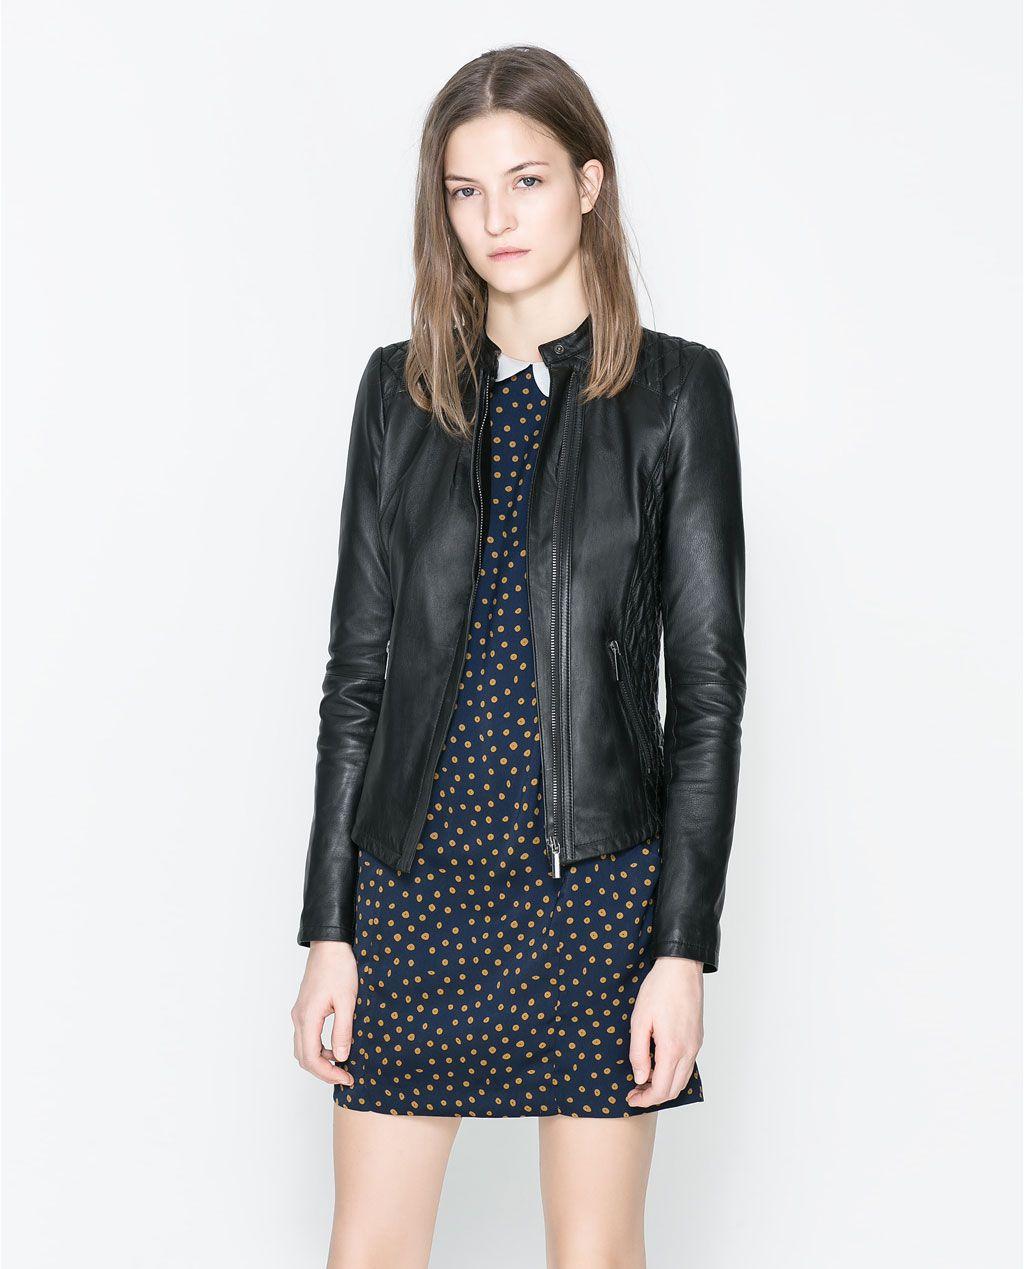 QUILTED LEATHER JACKET from Zara Zara, Kadın ceketleri, Moda